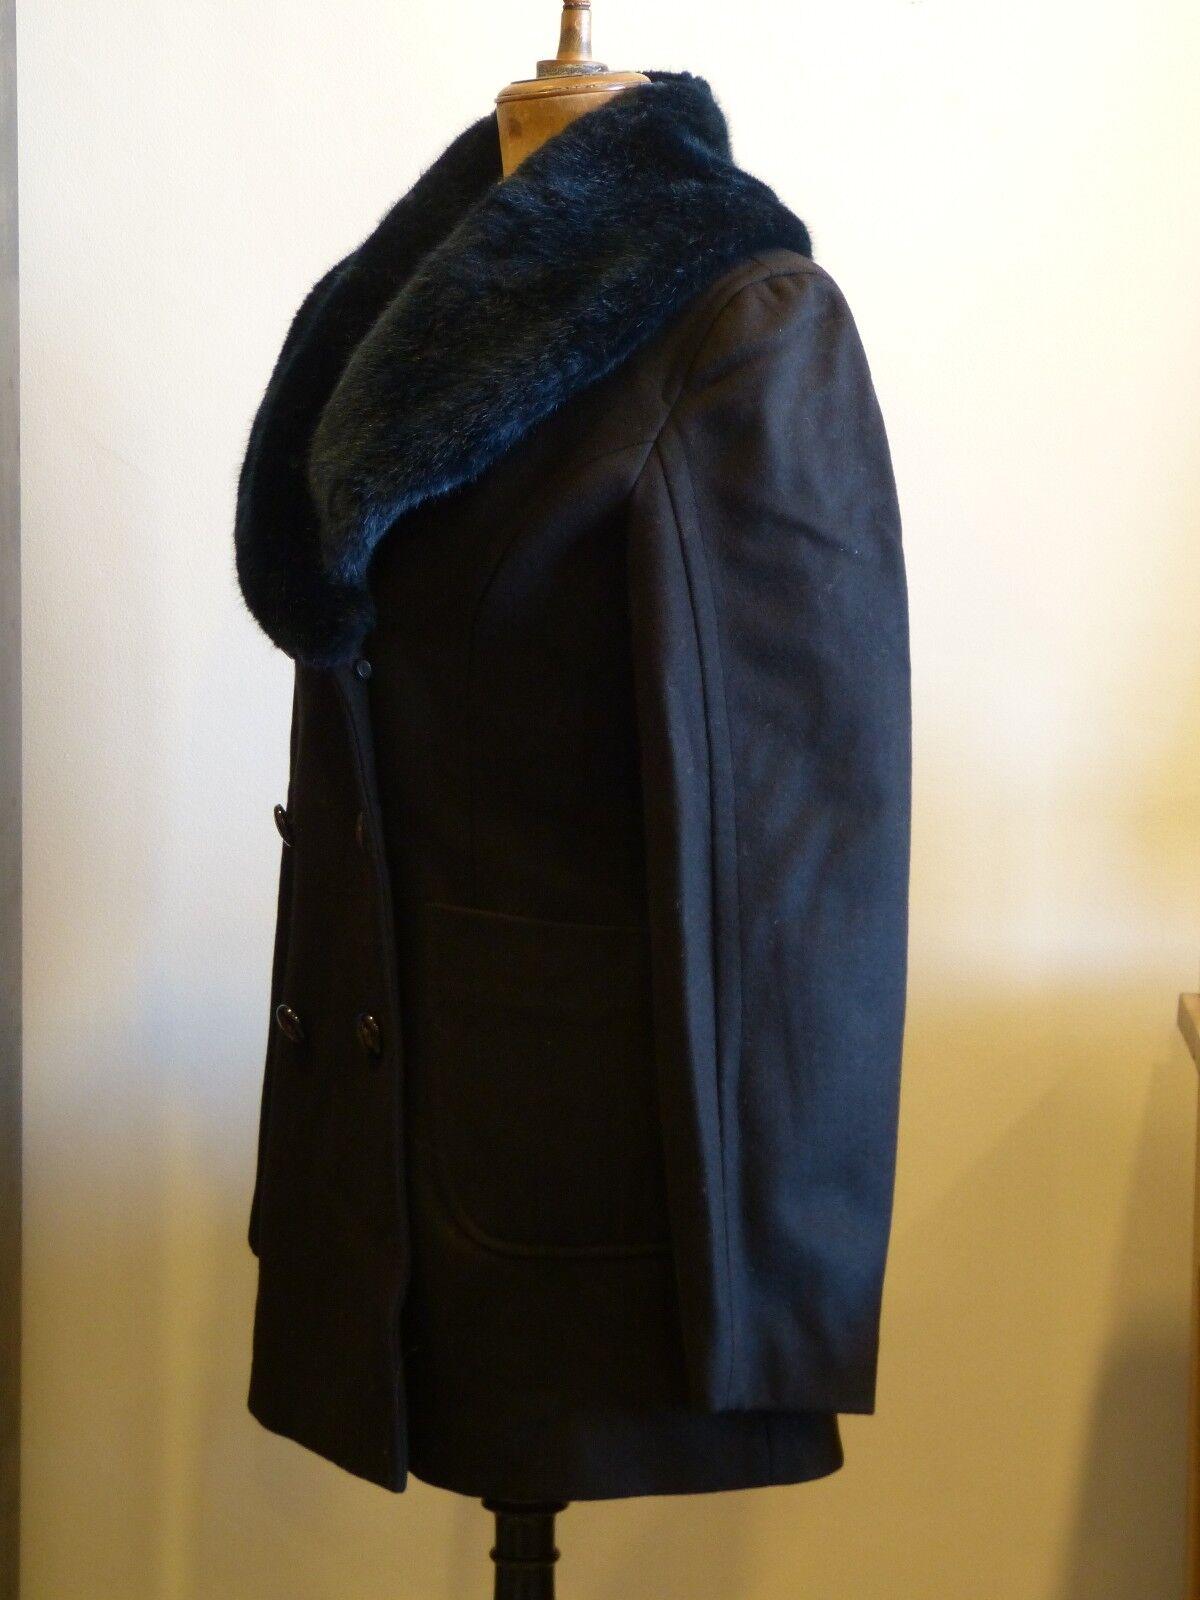 SUPERBE MANTEAU black VIVIENNE WESTWOOD WESTWOOD WESTWOOD size 40 42 44 EN PARFAIT ETAT 8008ca